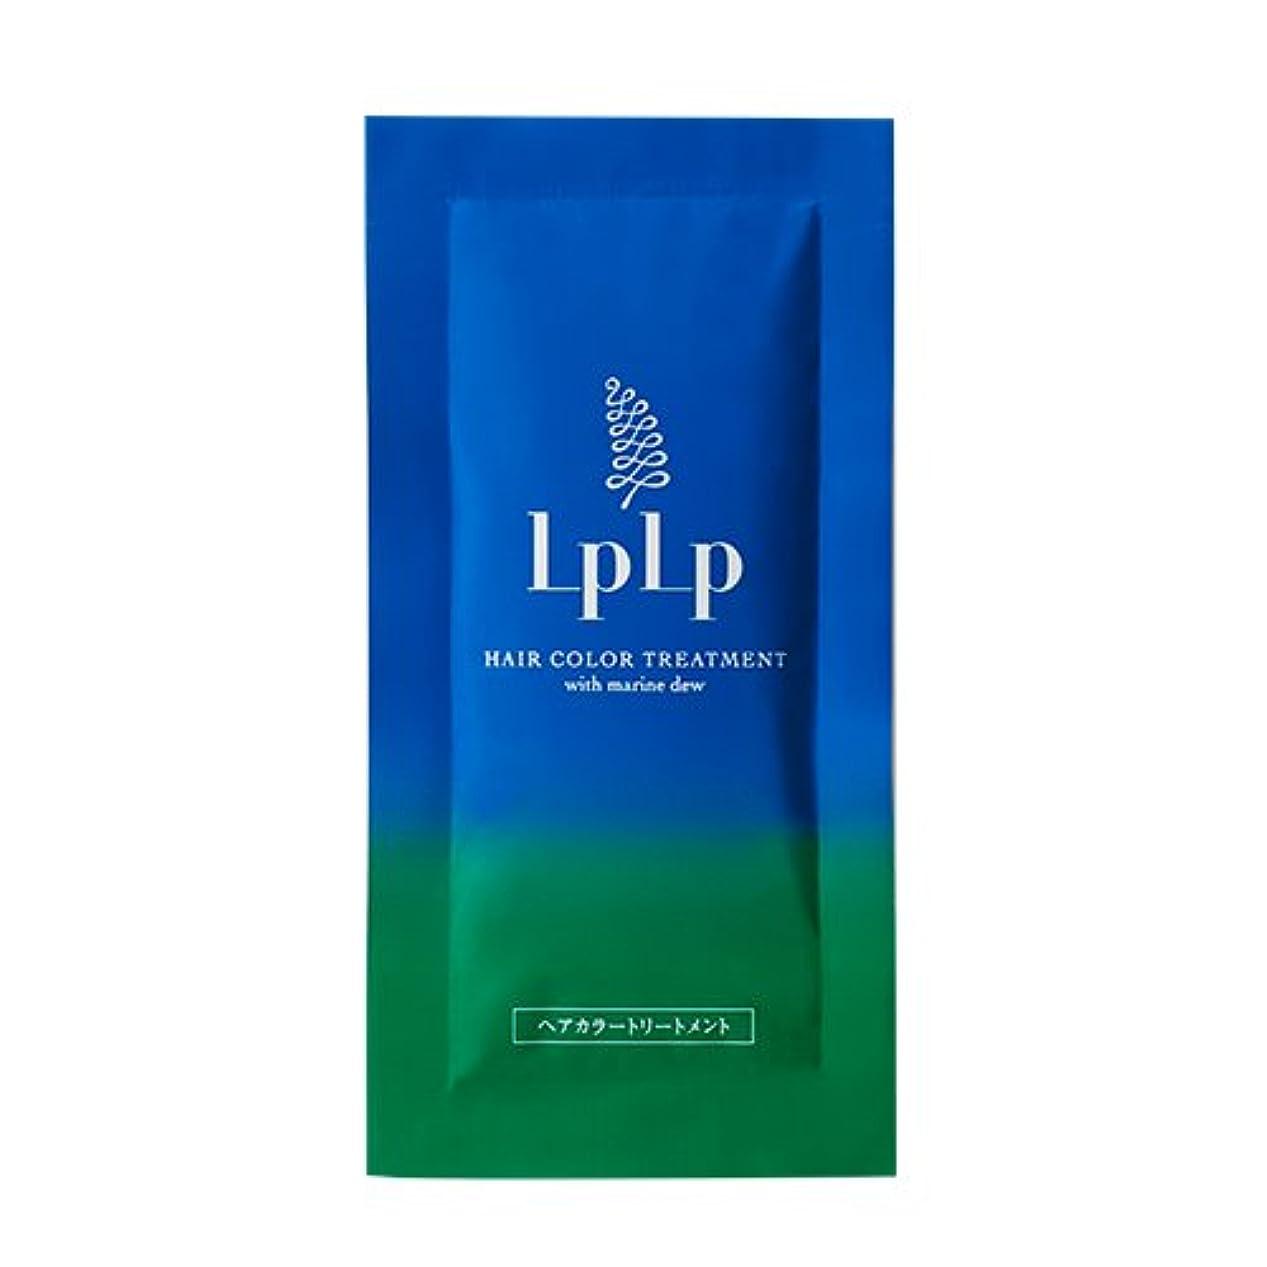 支援不満法医学LPLP(ルプルプ)ヘアカラートリートメントお試しパウチ ブラウン